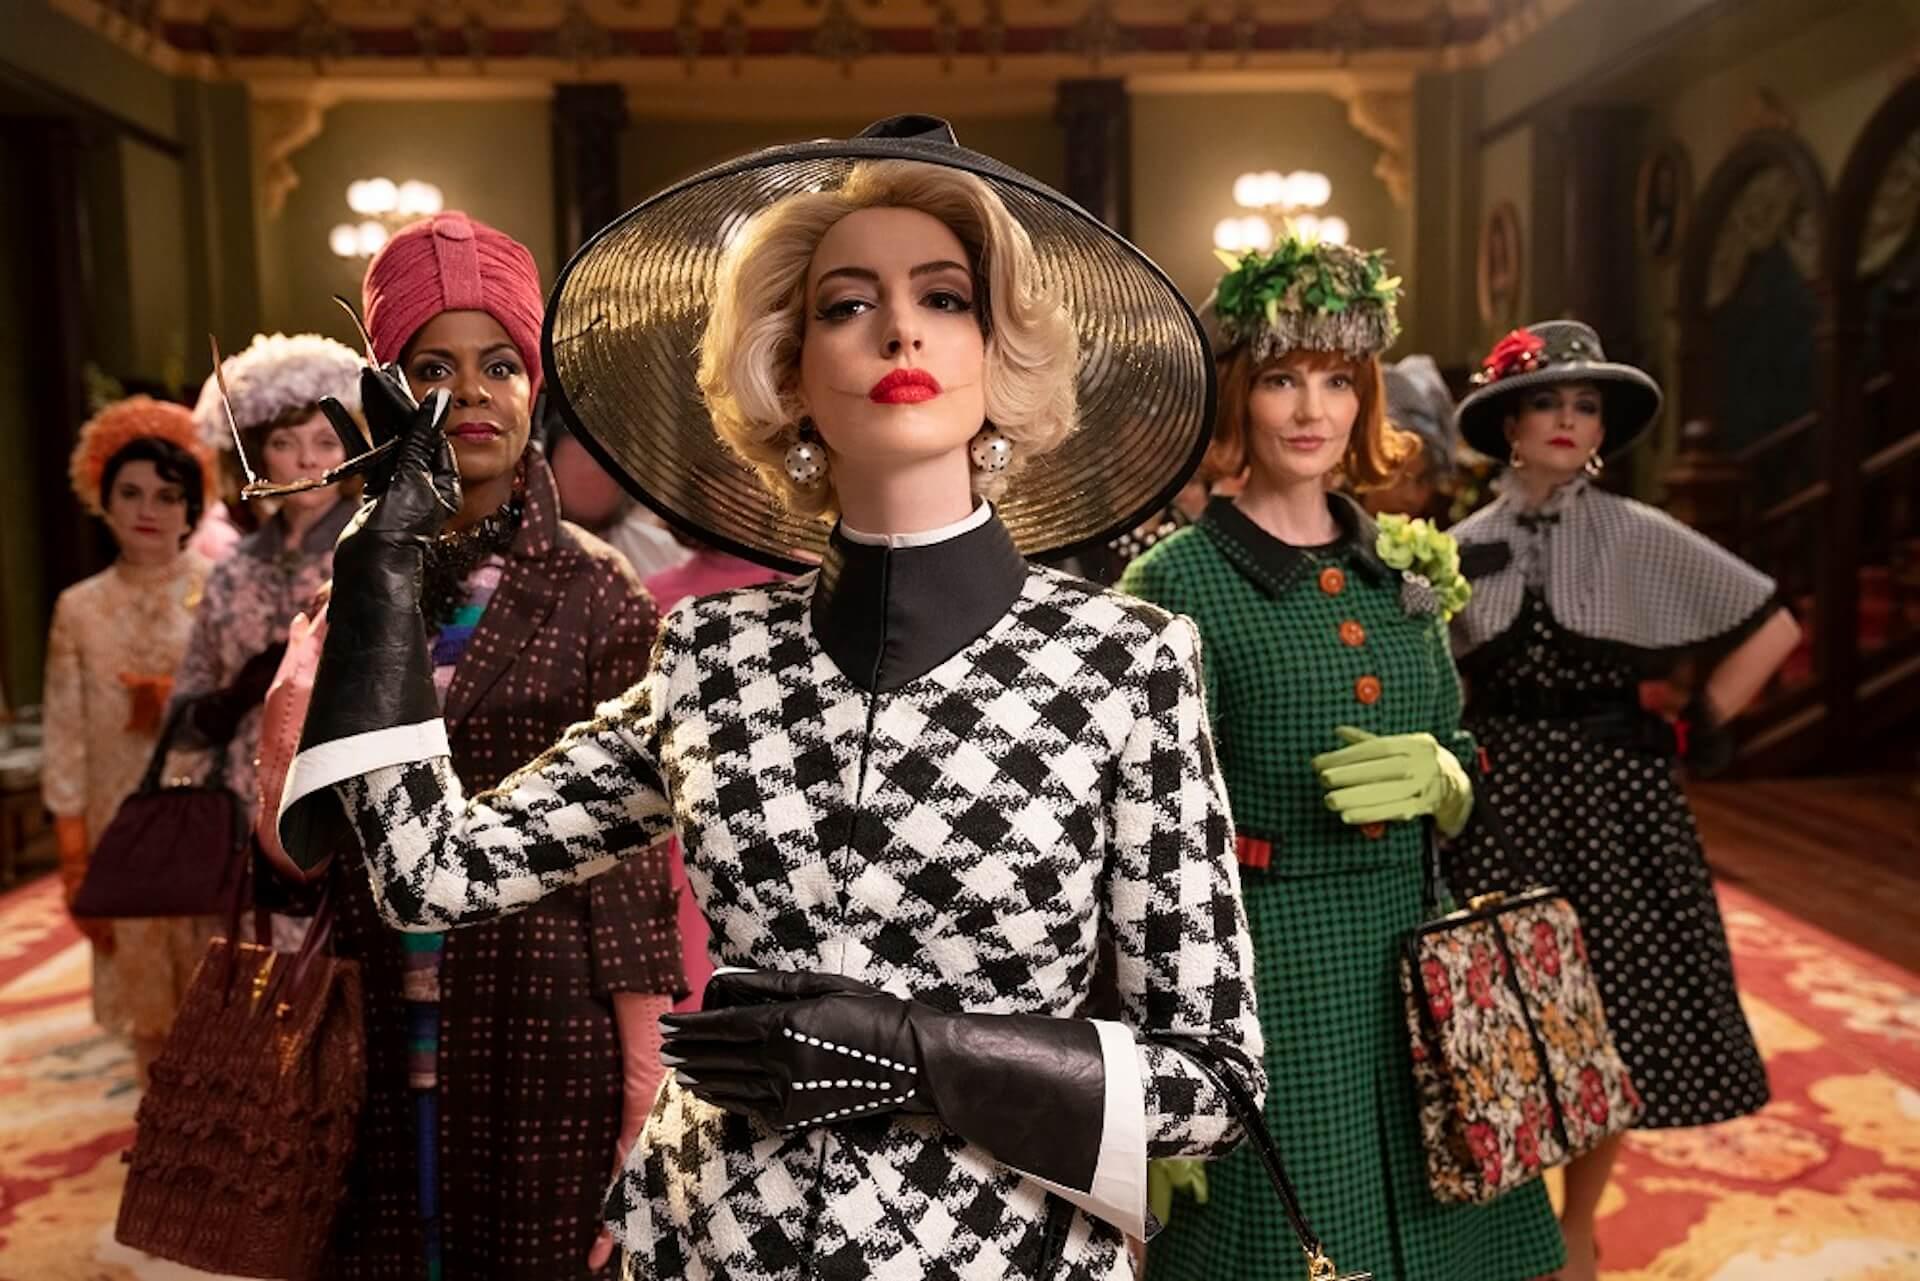 アン・ハサウェイ主演『魔女がいっぱい』がついに本日公開!ロバート・ゼメキスらアカデミー賞受賞者5名が集った特別映像も解禁 film201204_thewitches_2